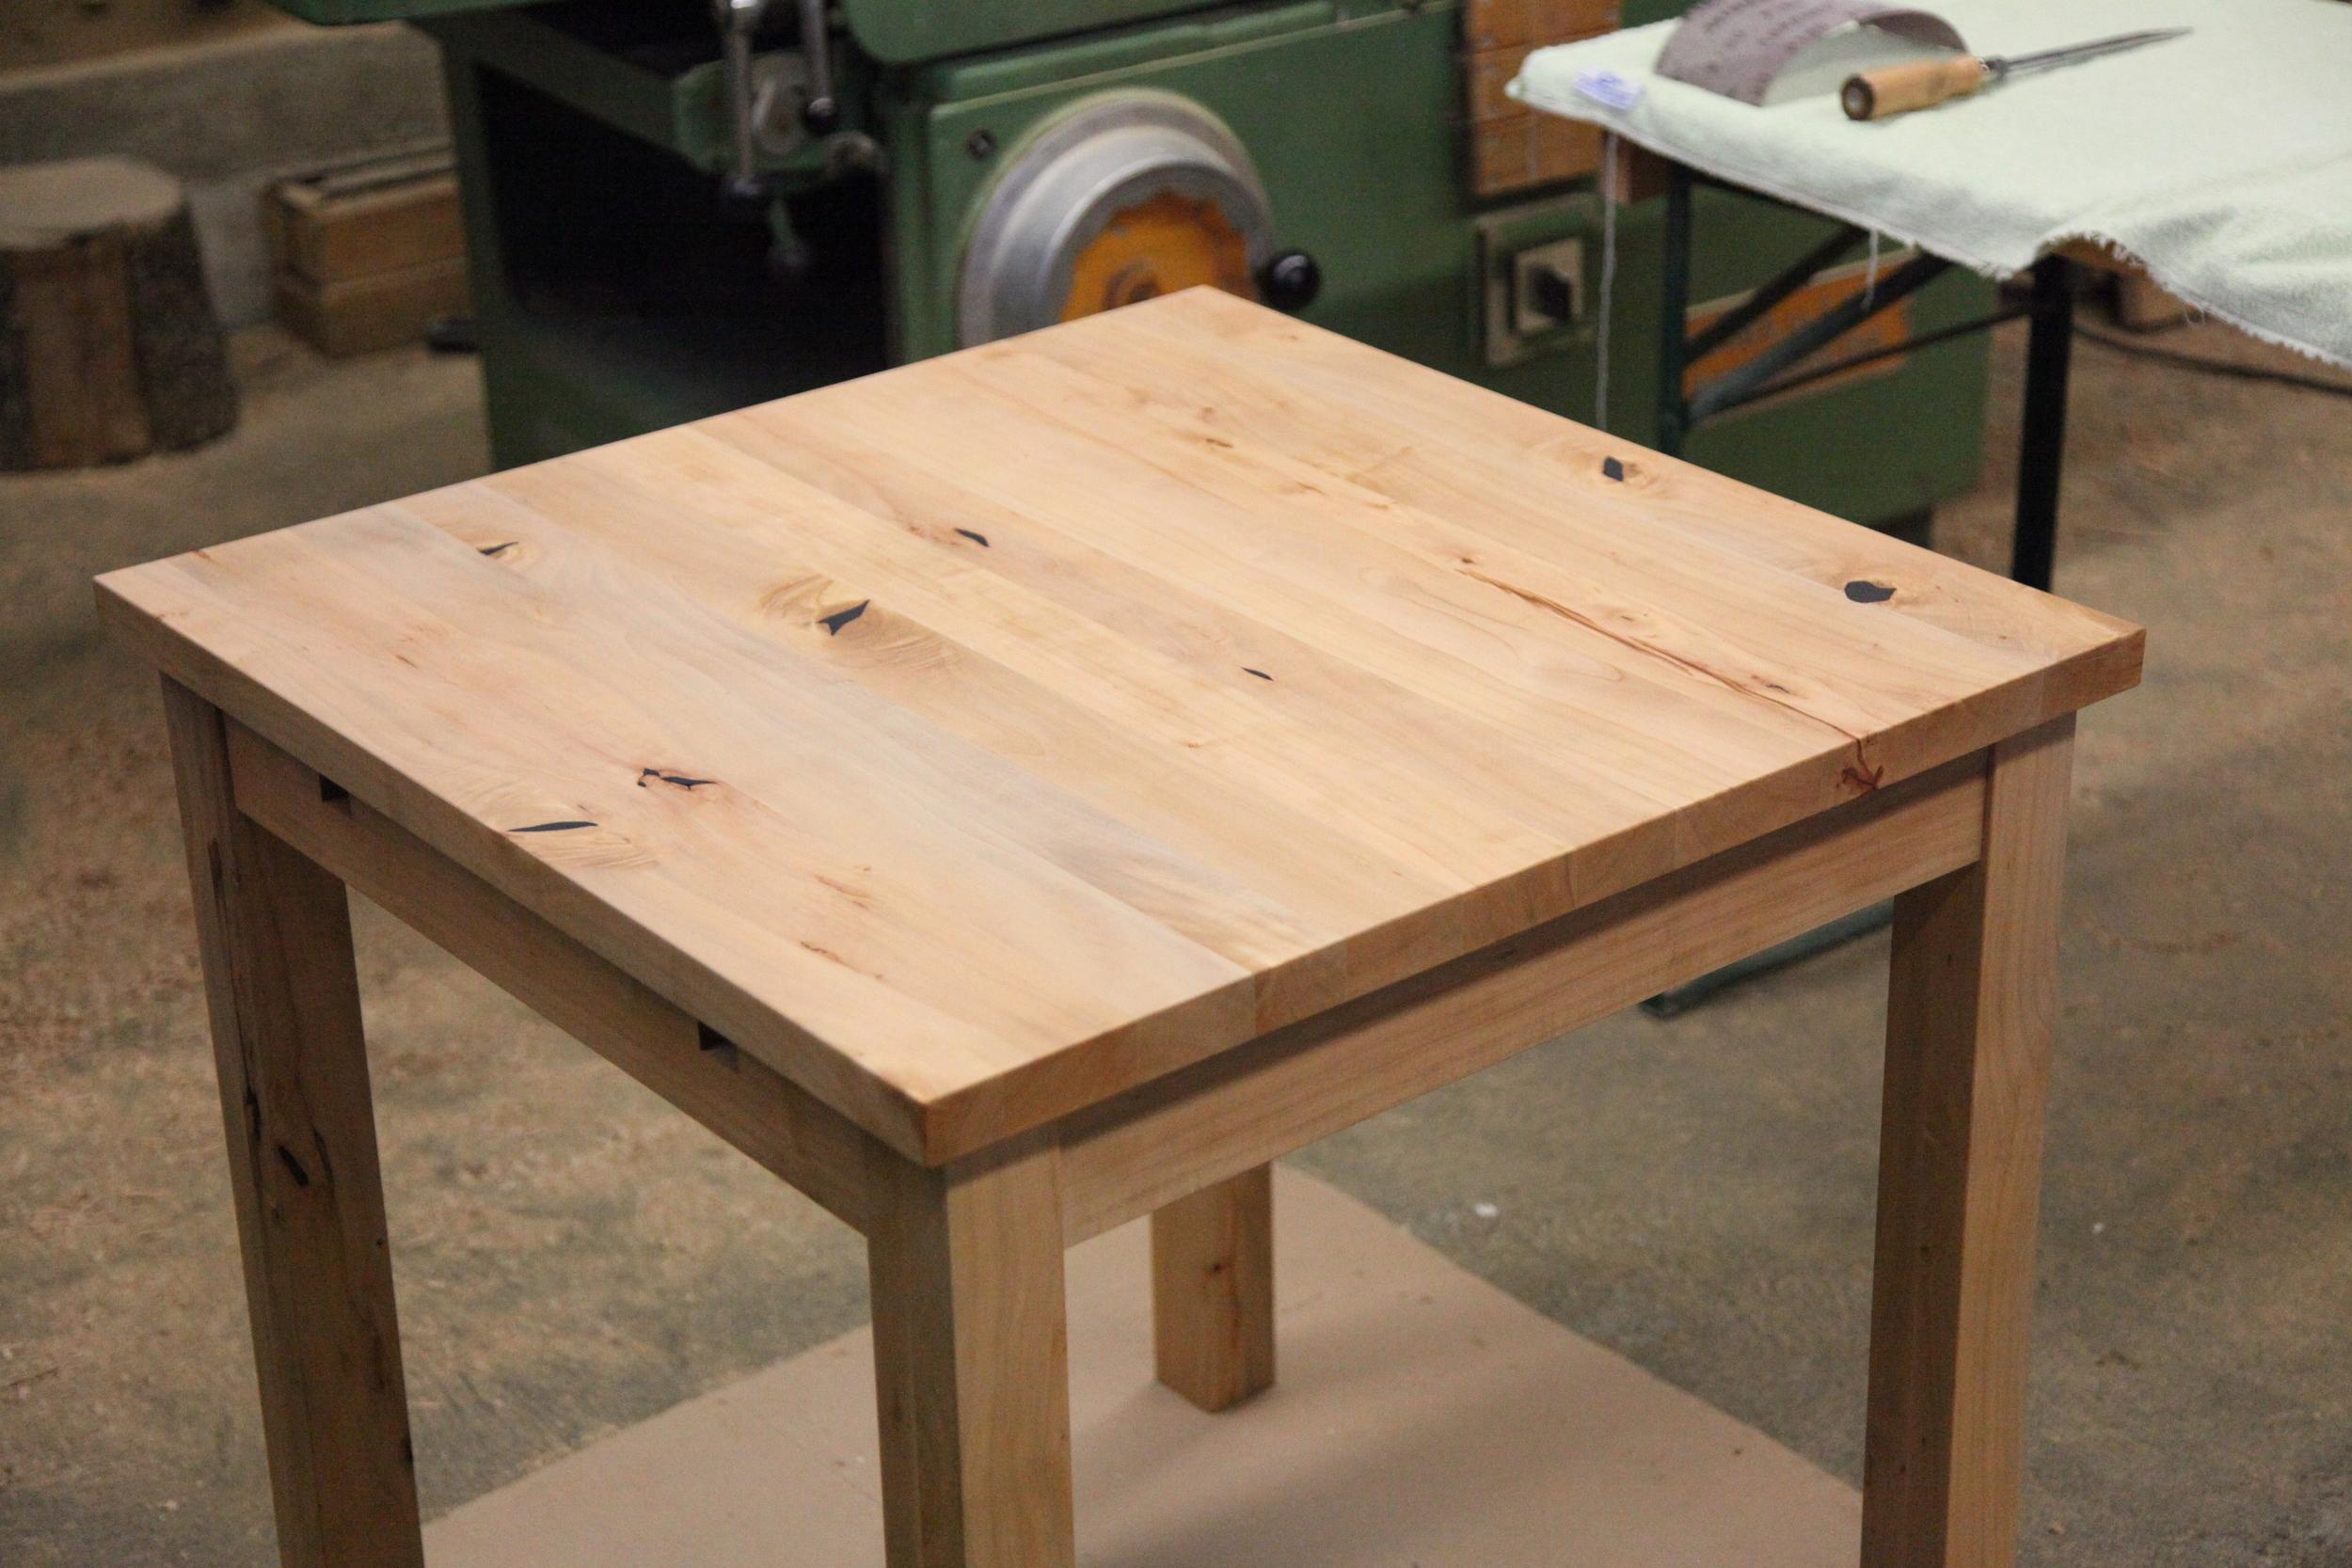 Gartentisch (überdacht) aus massivem Birnbaumholz. Mit Ansteckplatten auf die Größe 140 x 70 cm erweiterbar